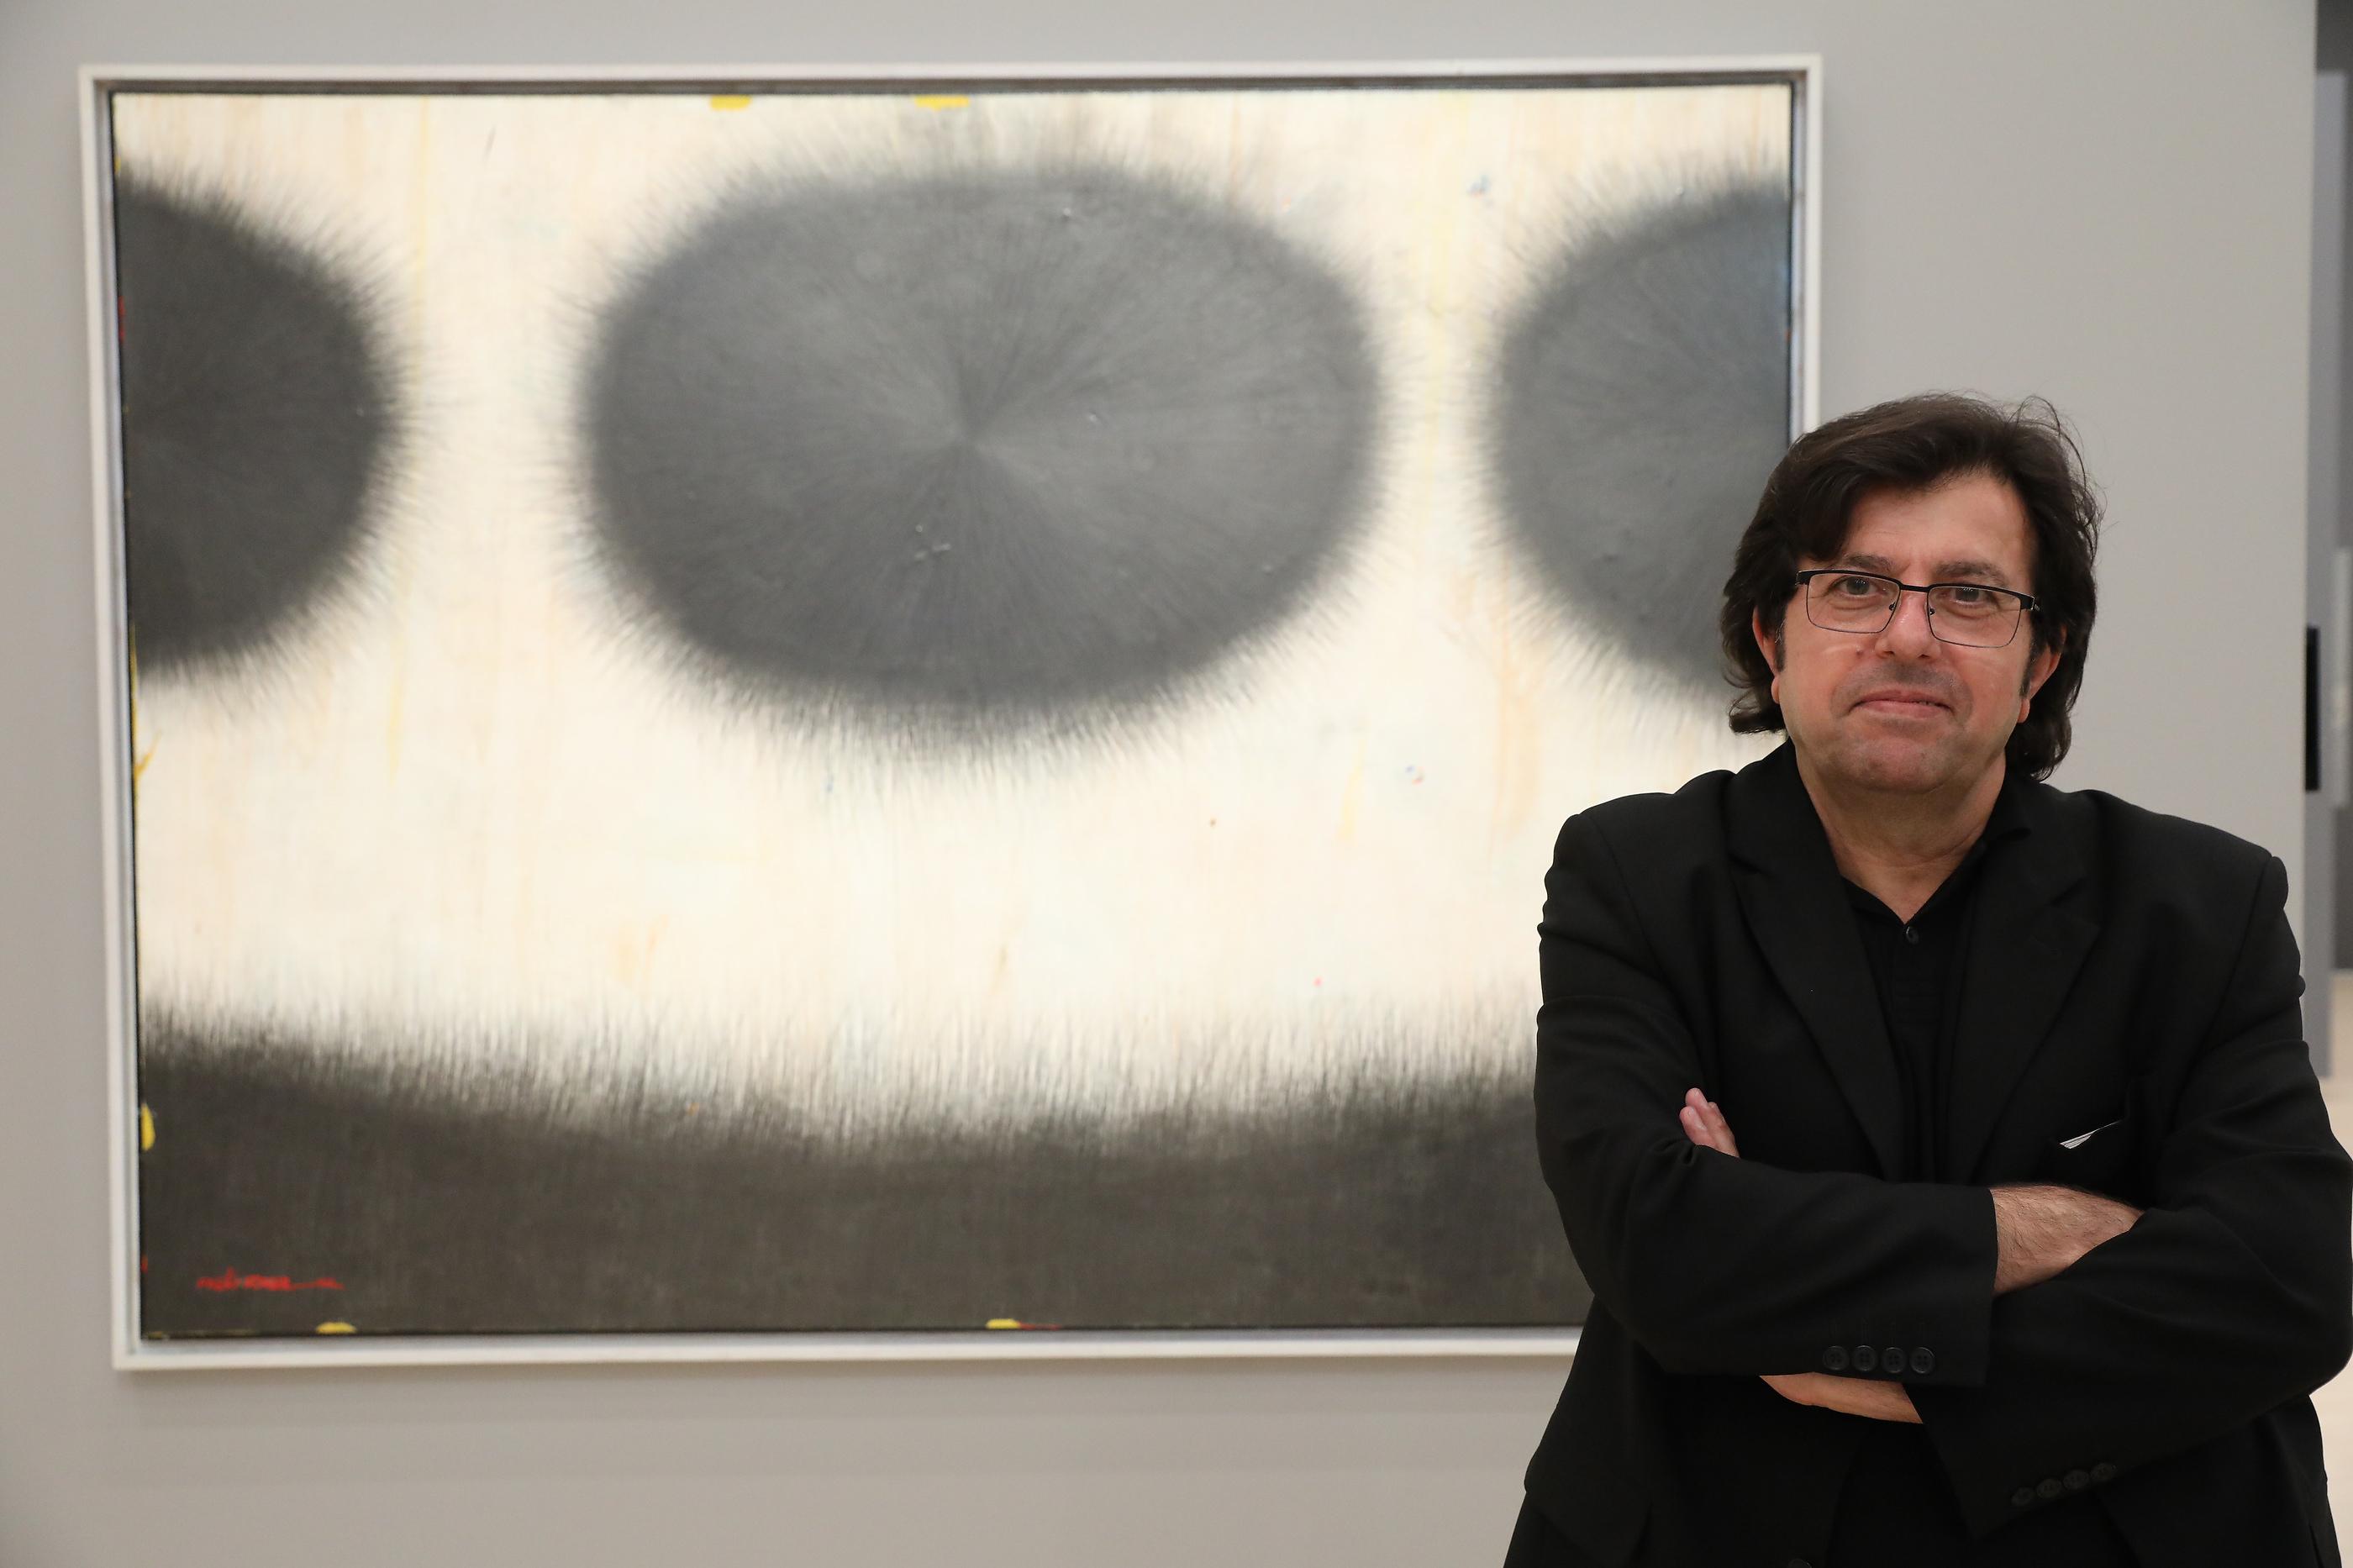 Faek Rasul (c) APA/Ludwig Schedl